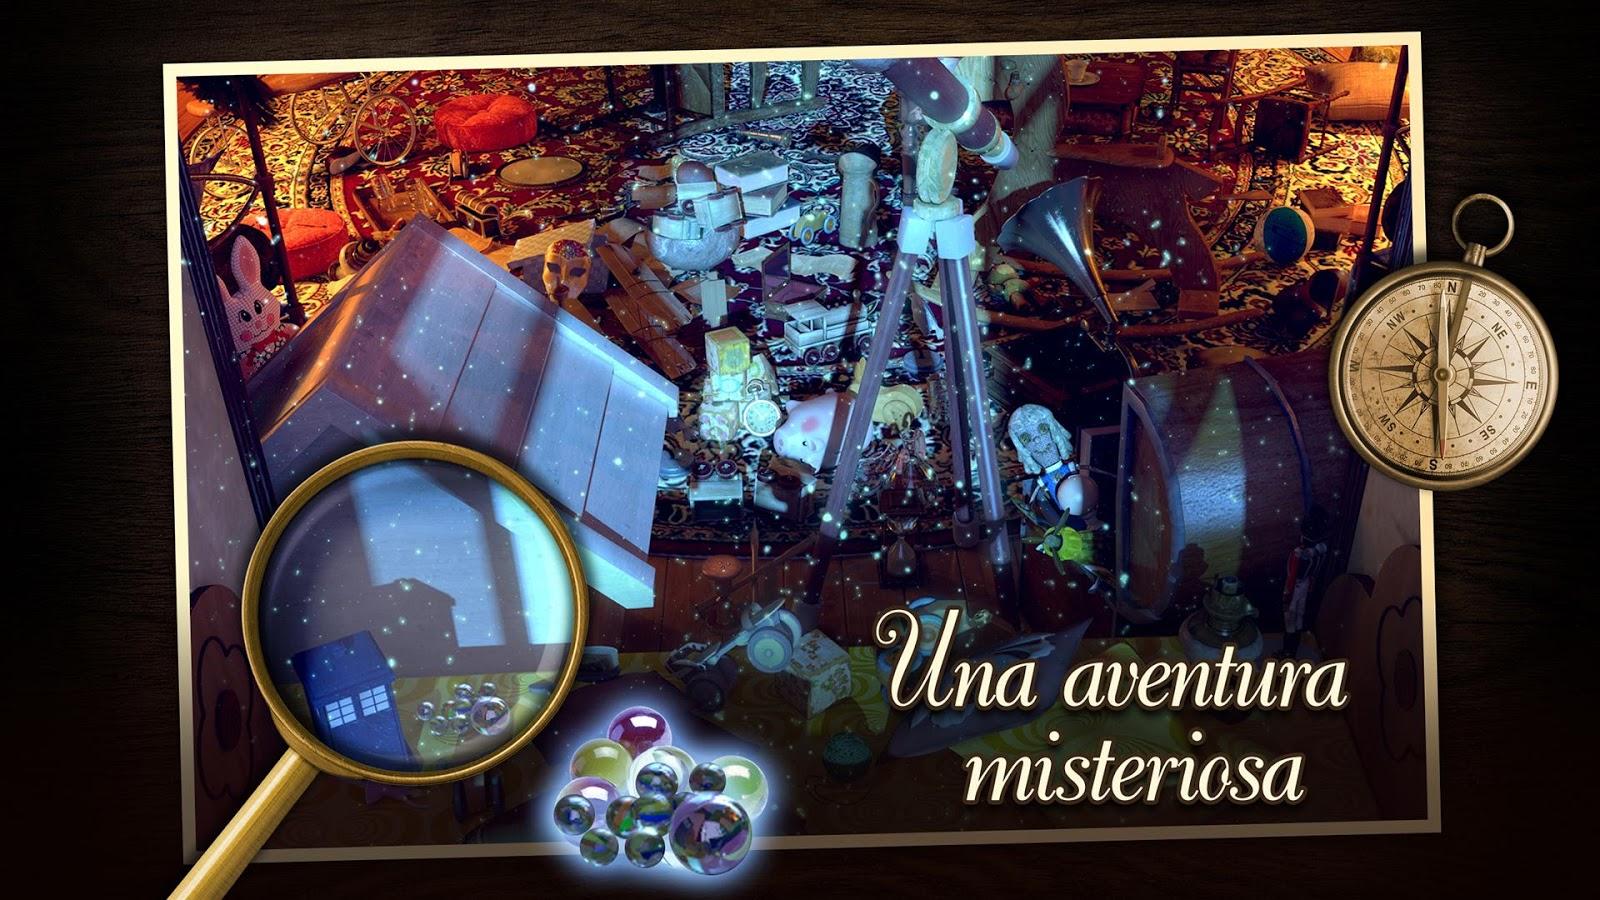 Juegos Gratis De Objetos Ocultos En Español Completos Para Adultos ...